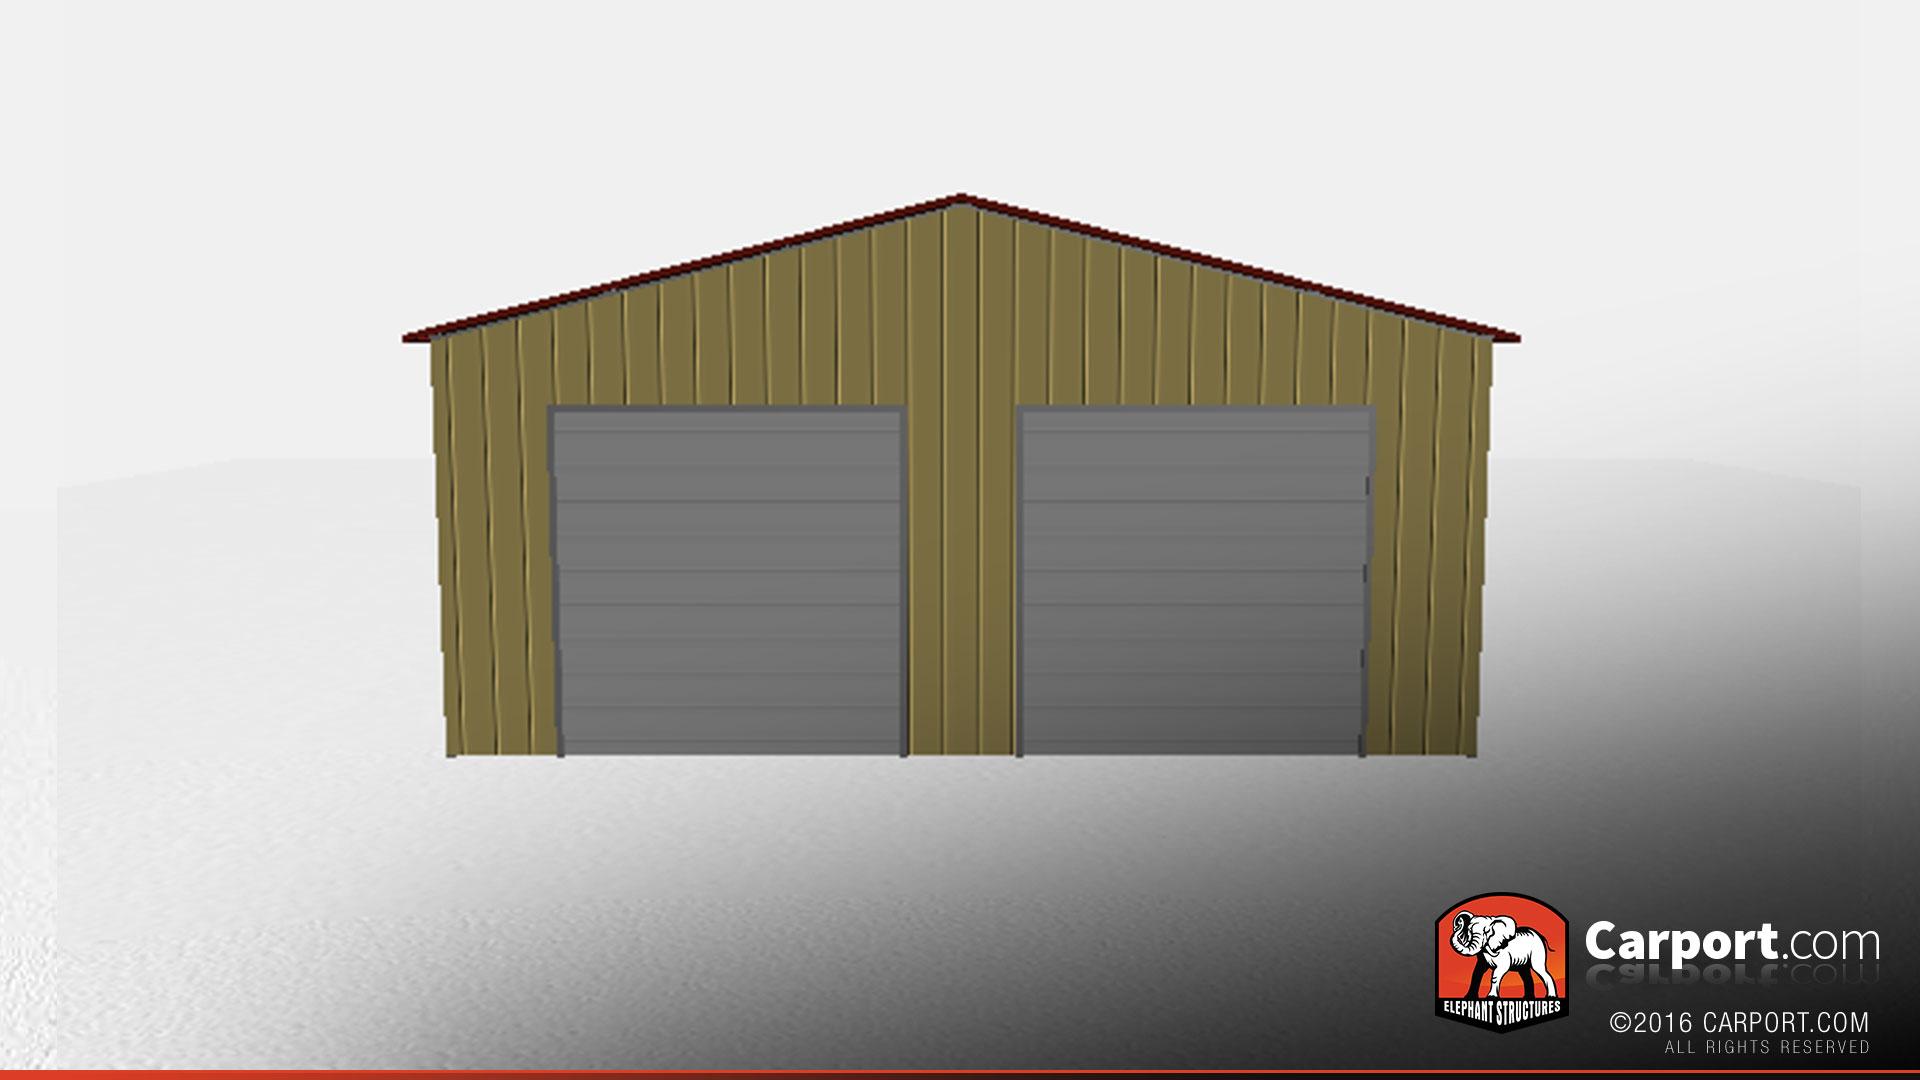 30 X 50 Metal Warehouse With Two Garage Doors